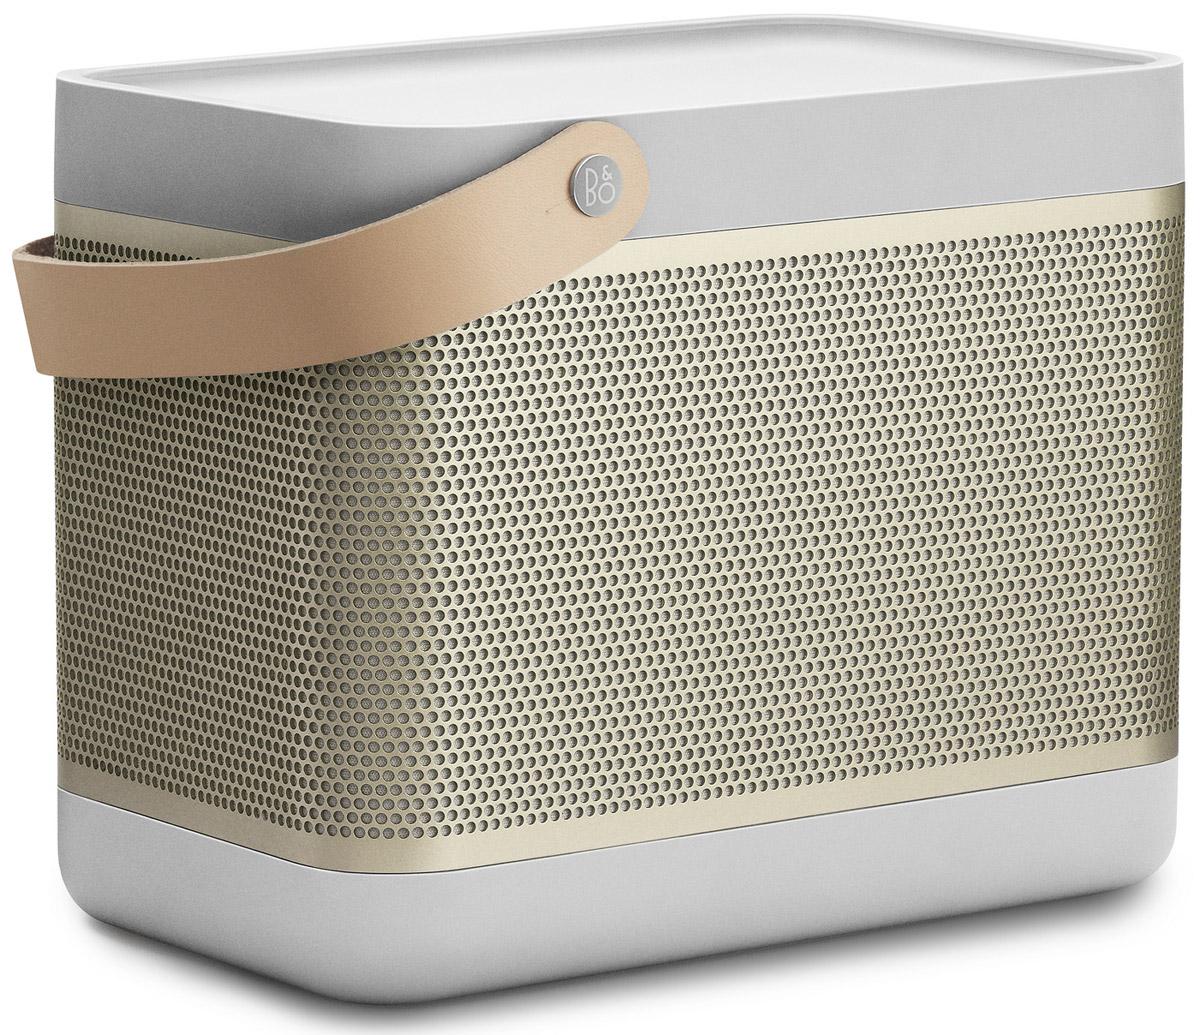 Bang & Olufsen Beolit 15, Champagne портативная акустическая система1287632Bang & Olufsen Beolit 15 - это современная компактная аудиосистема c безупречным дизайном в лучших традициях B&O. Она сочетает в себе максимальную производительность, надежность и функциональность. Инновационная технология передачи звука True360 позволяет использовать её дома в офисе и даже на открытом воздухе, звука будет достаточно благодаря 240 ваттам пиковой мощности. Емкий аккумулятор на 18 Вт/ч позволит слушать музыку на протяжении 24 часов без подзарядки. Быстрое беспроводное подключение Bluetooth 4.0 гарантирует высокое качество передачи потокового аудио. Bang & Olufsen Beolit 15 запоминает до 8 пользователей и может быть подключена к 2-м устройствам одновременно, тем самым на вечеринке вы сможете устроить ди-джей баттл с друзьями. Так же имеется USB-порт, который можно использовать для зарядки мобильных устройств. Мощность усилителей: 2 x 35 Вт Емкость аккумулятора: 2200 мАч